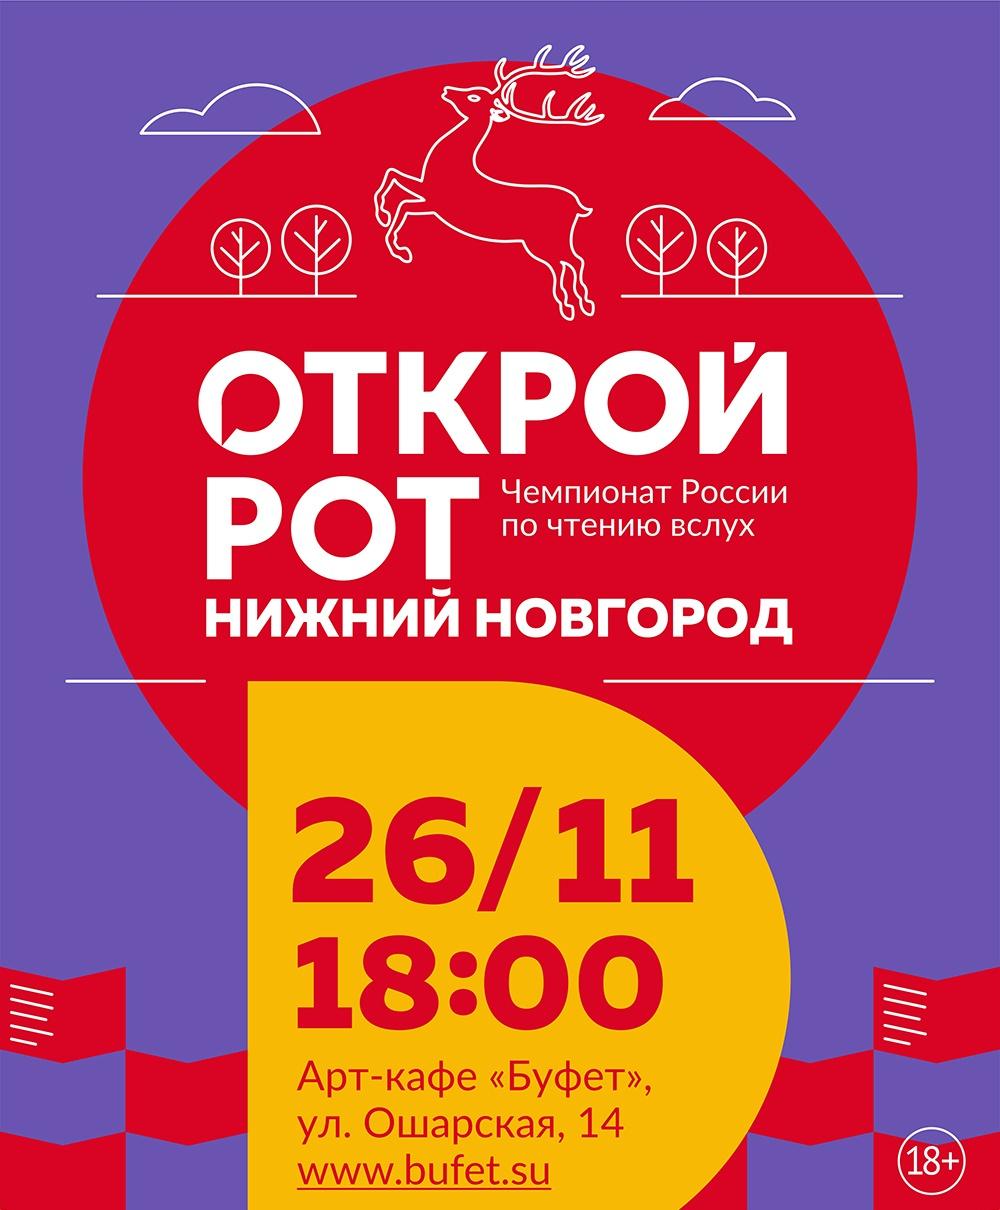 Отборочный тур Чемпионата России по чтению вслух в Нижнем Новгороде